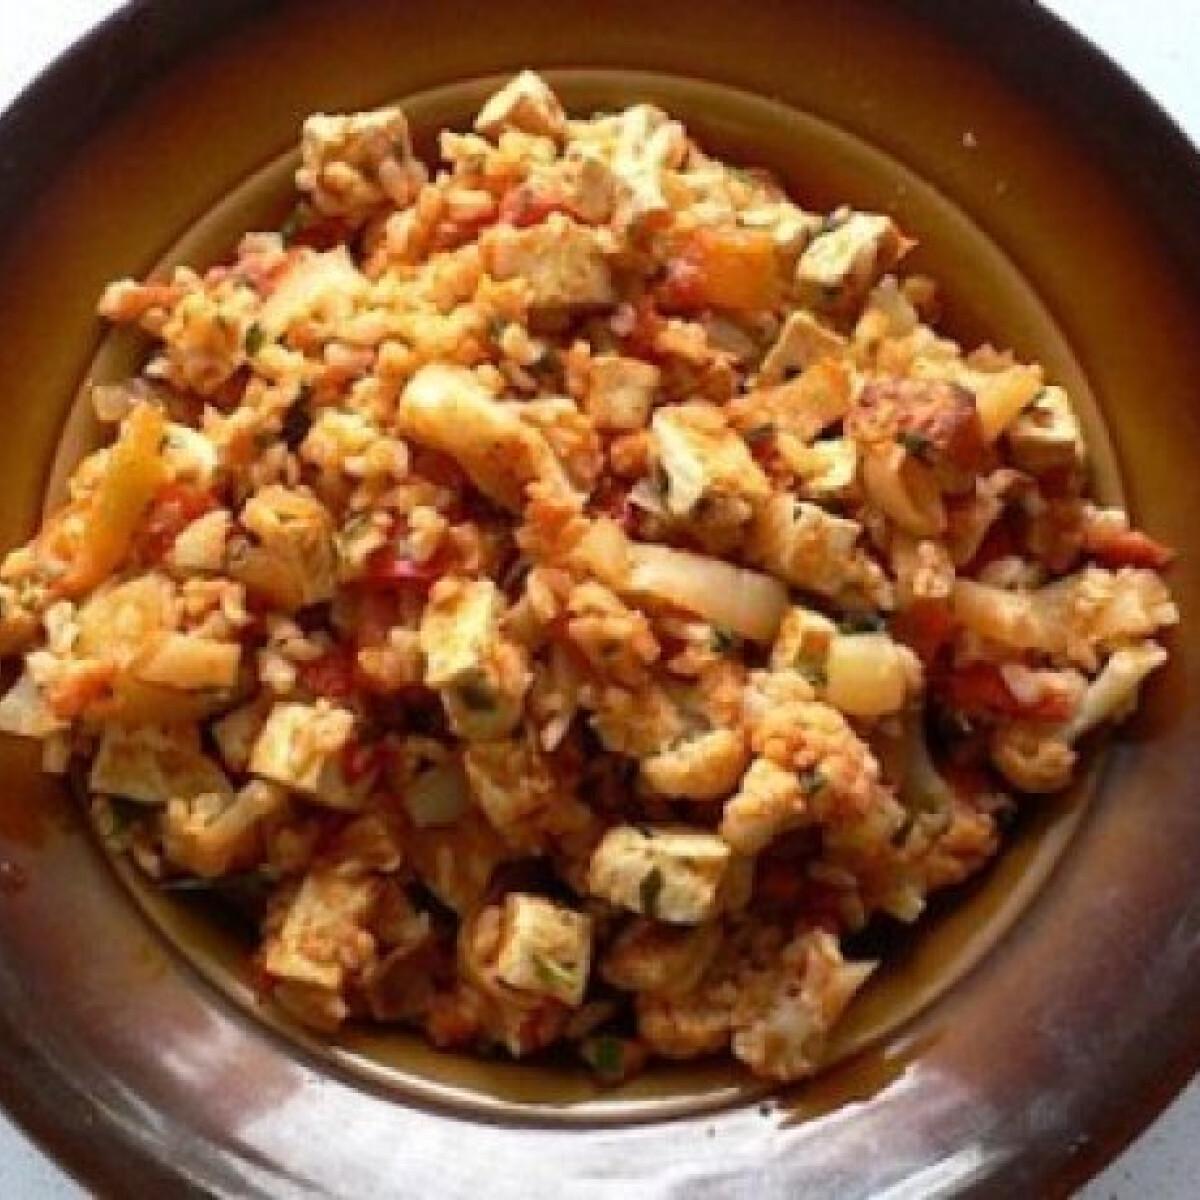 Lecsós-barna rizses tofu